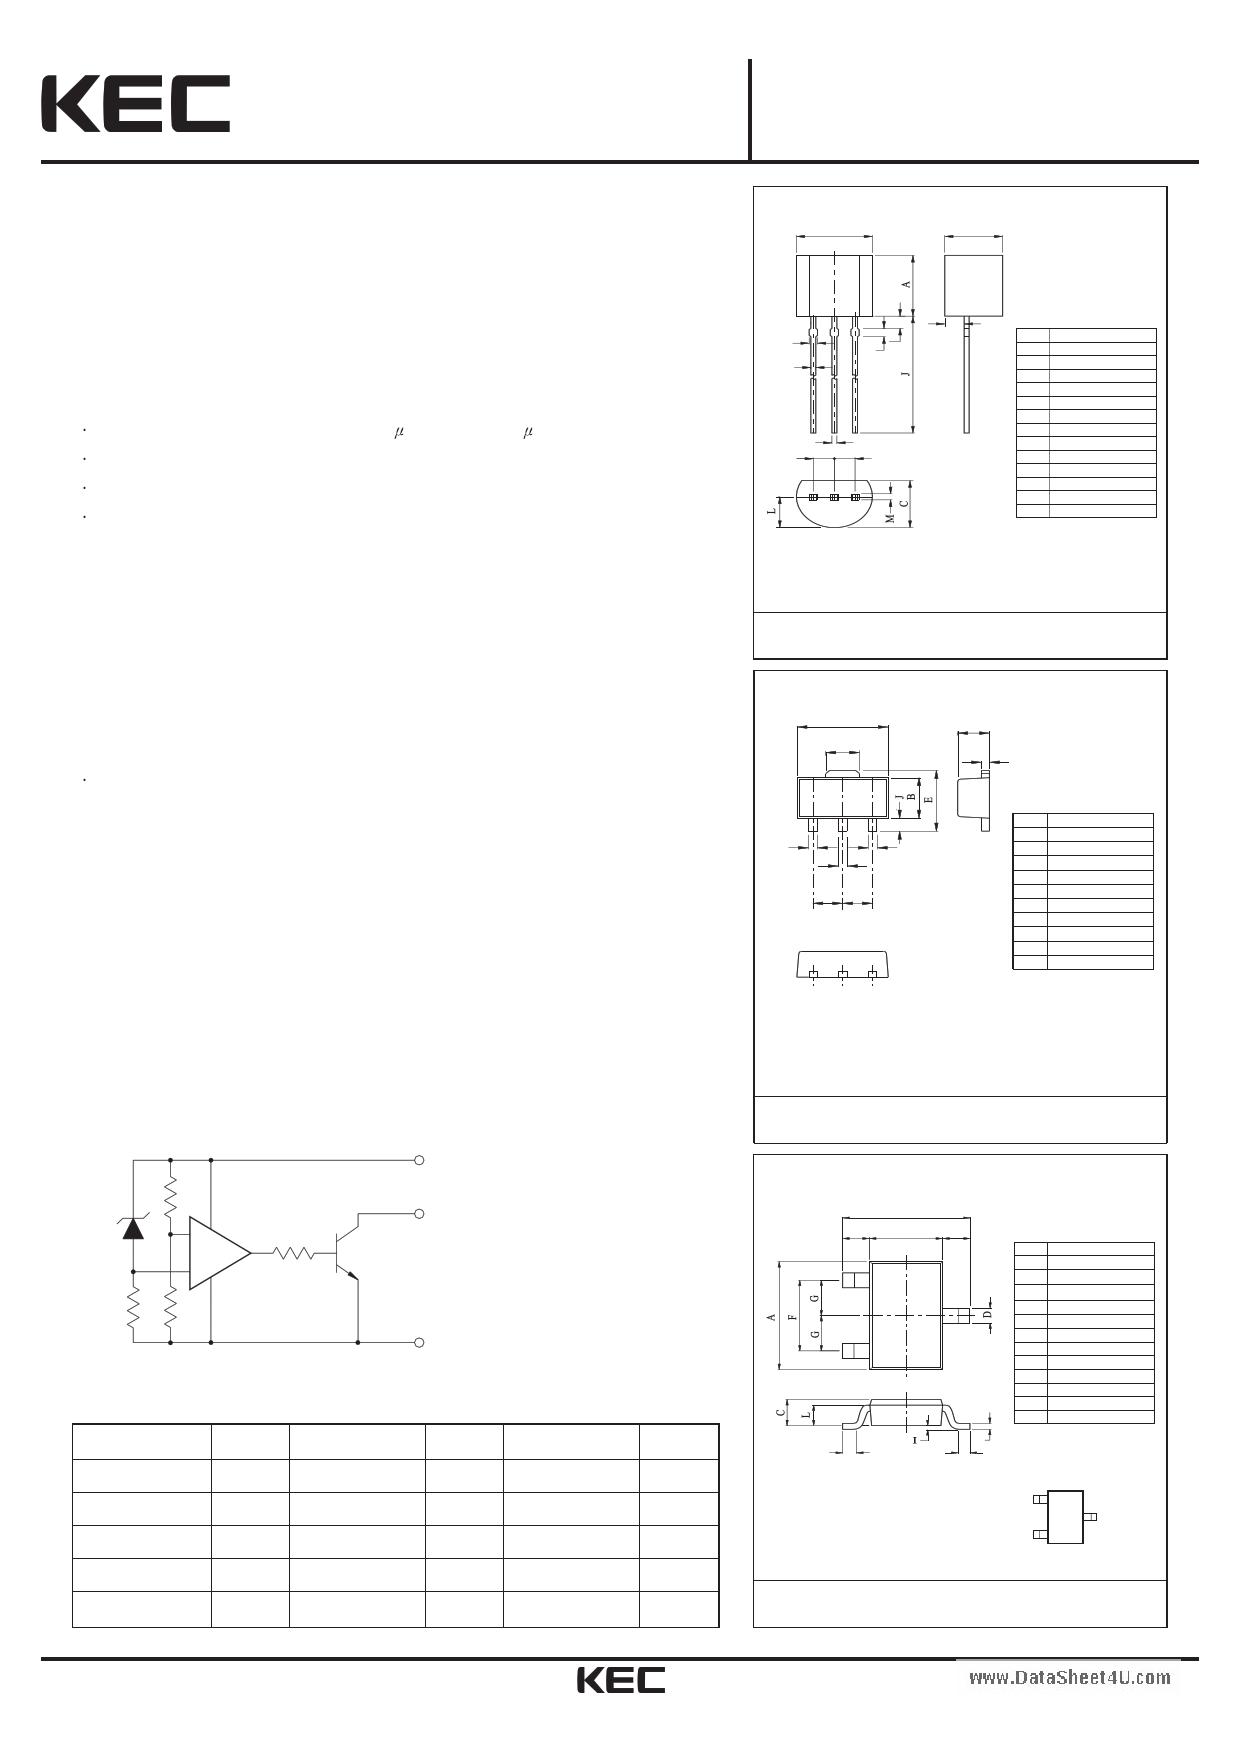 KIA7045AF Datasheet, KIA7045AF PDF,ピン配置, 機能